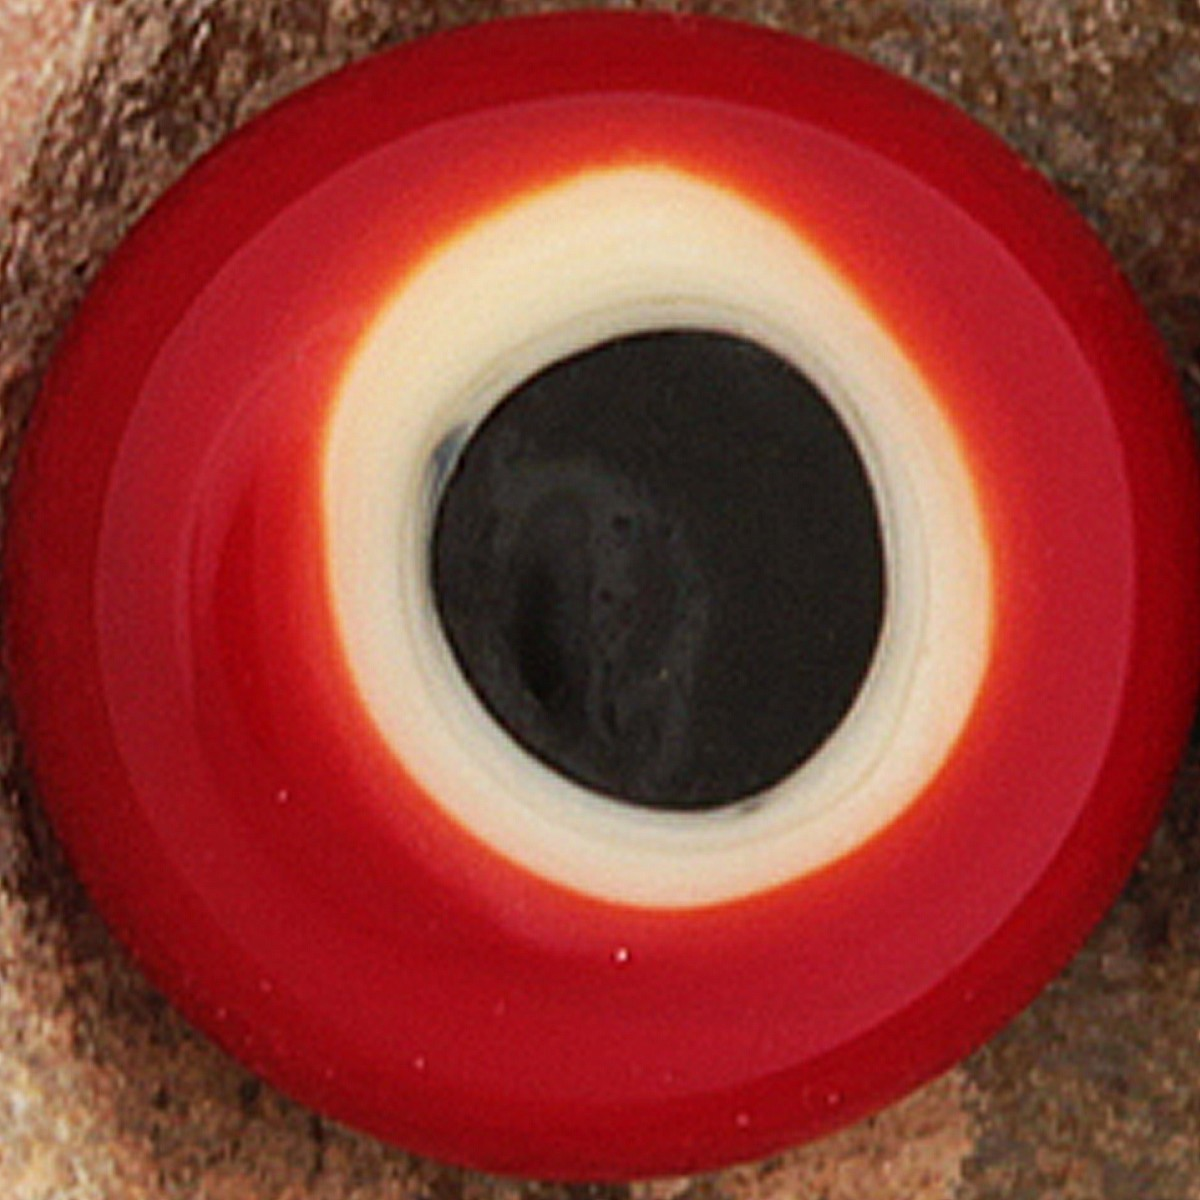 rojo claro, con punto marfil claro y negro superpuestos